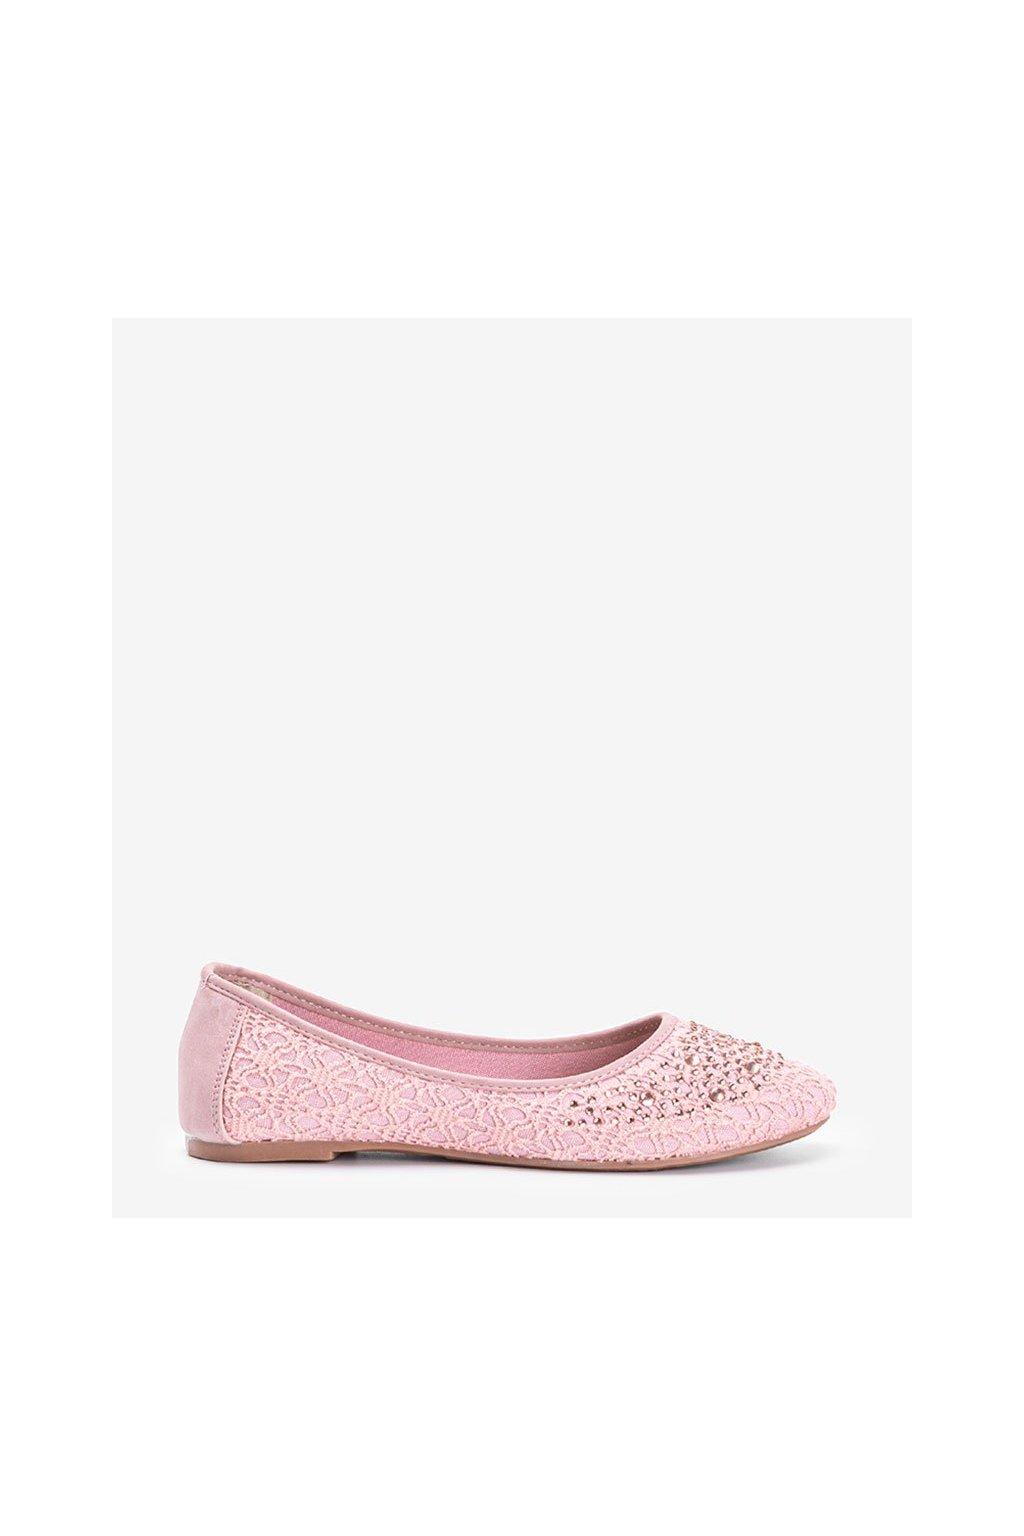 Dámske baleríny ružové kód T031-1 - GM